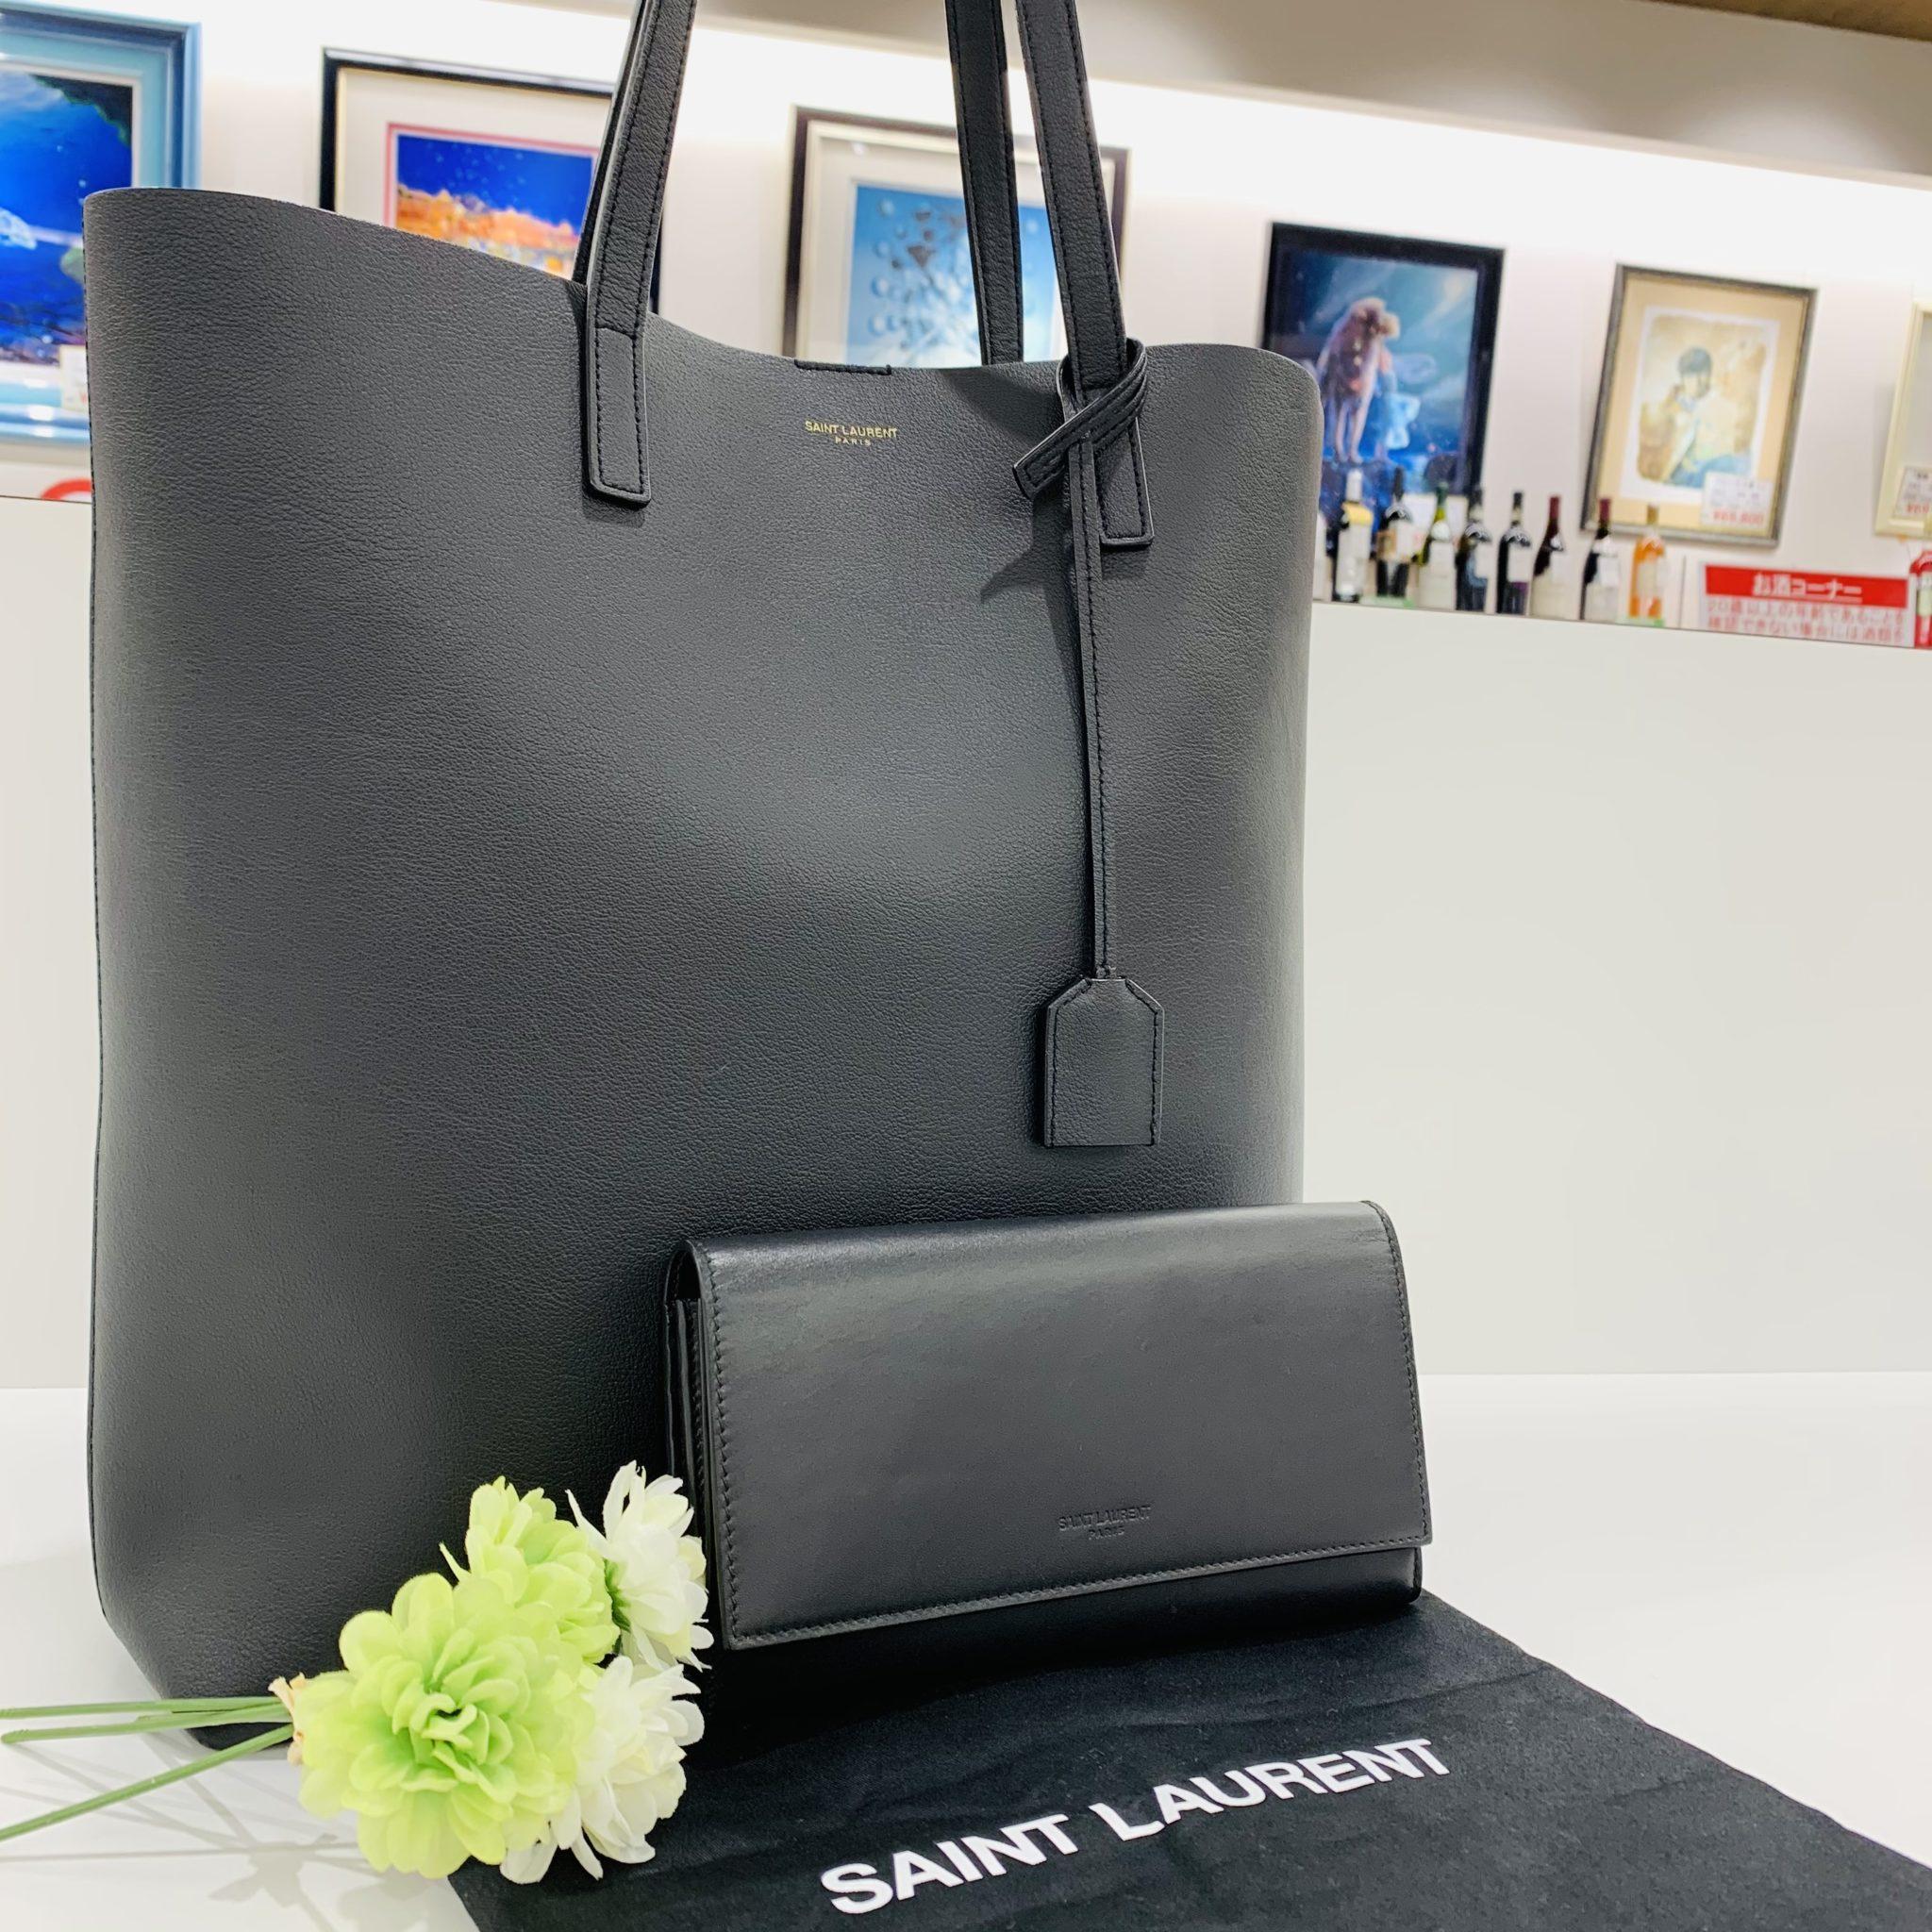 【ブランド 販売 盛岡】お揃いで持ちたい♡SAINT LAURENT サンローランのバッグ&ウォレット